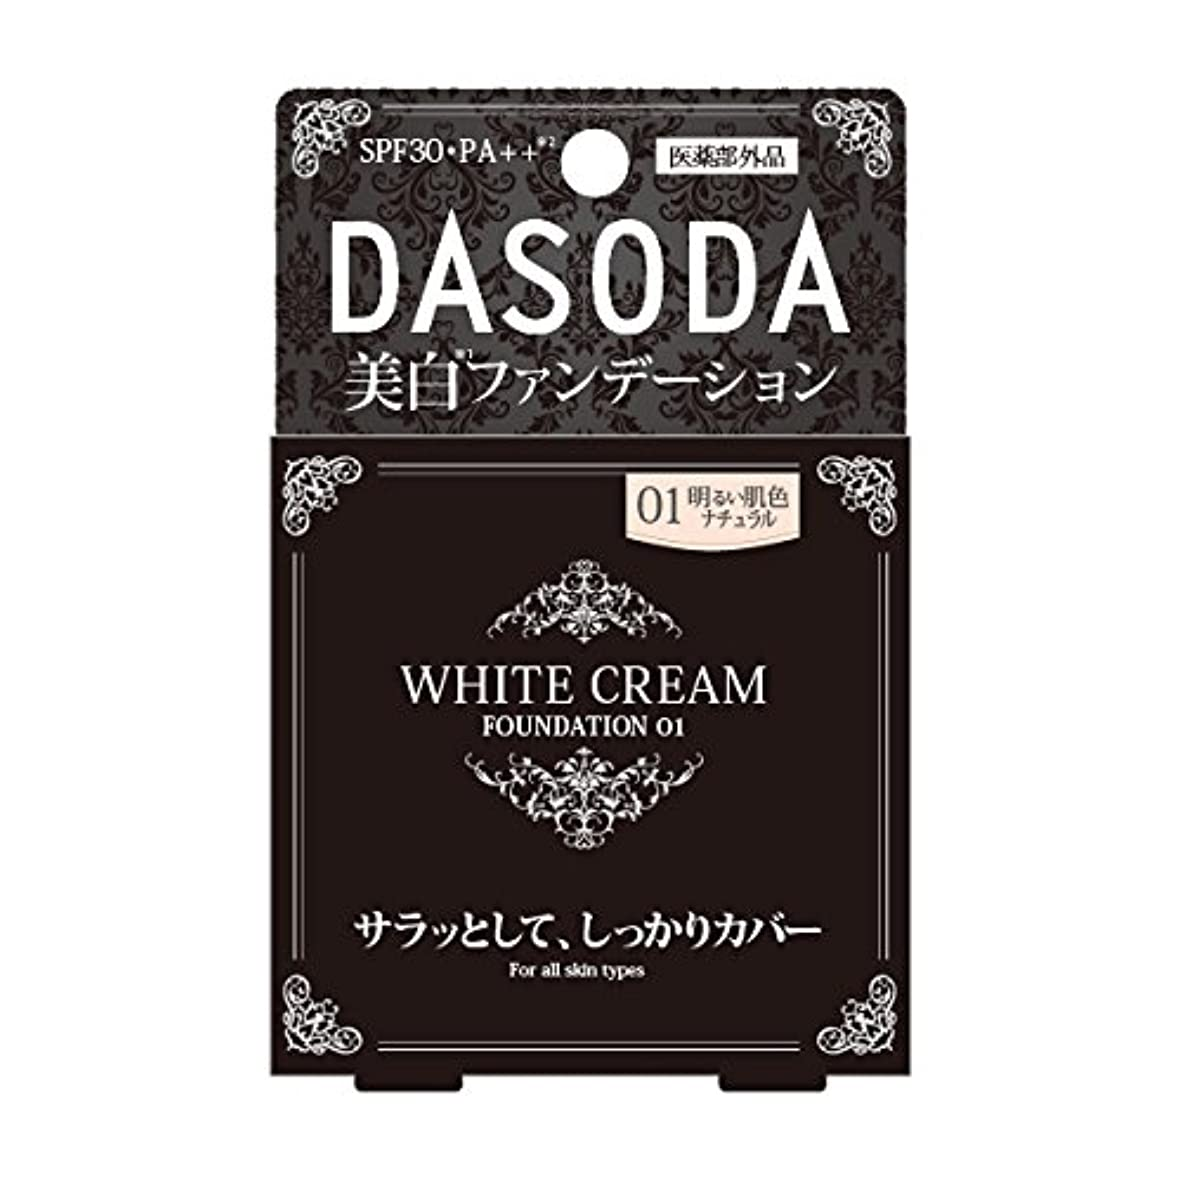 損失無知スカープダソダ エフシー ホワイトクリームファンデーション 01 ナチュラル 8g